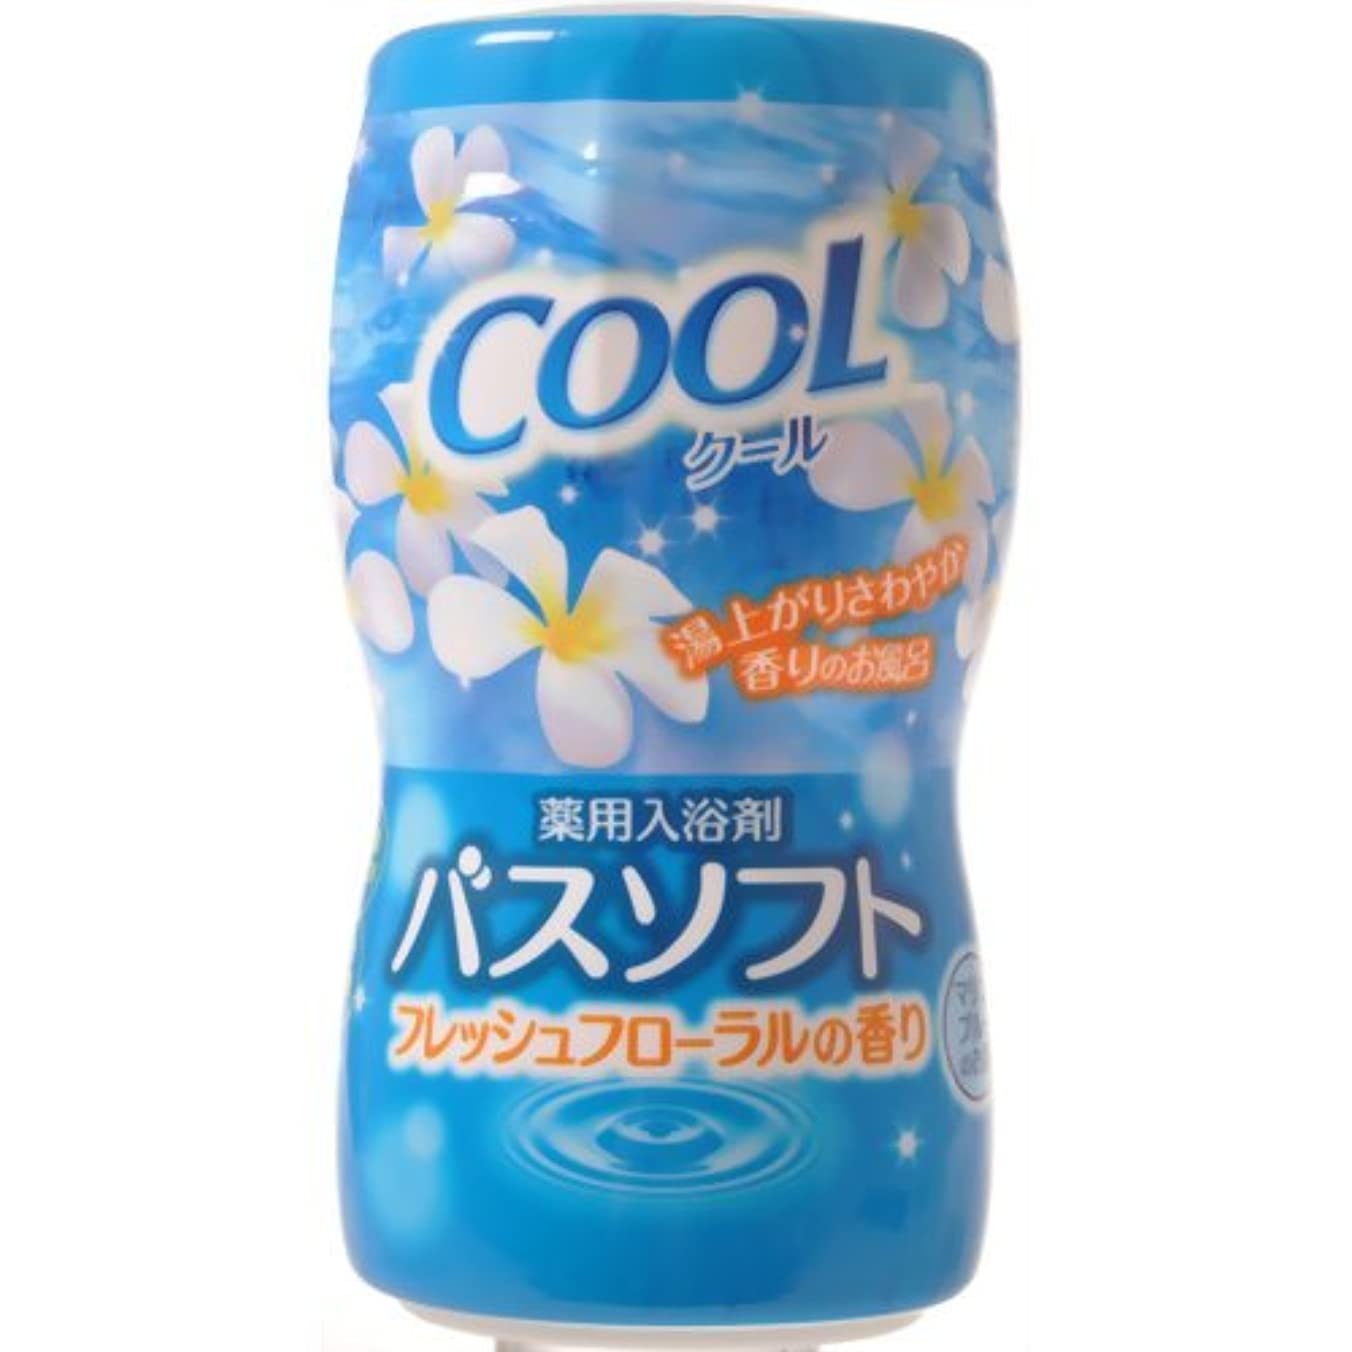 東方出くわすタイプ【オカモト】薬用入浴剤バスソフト クール 700g